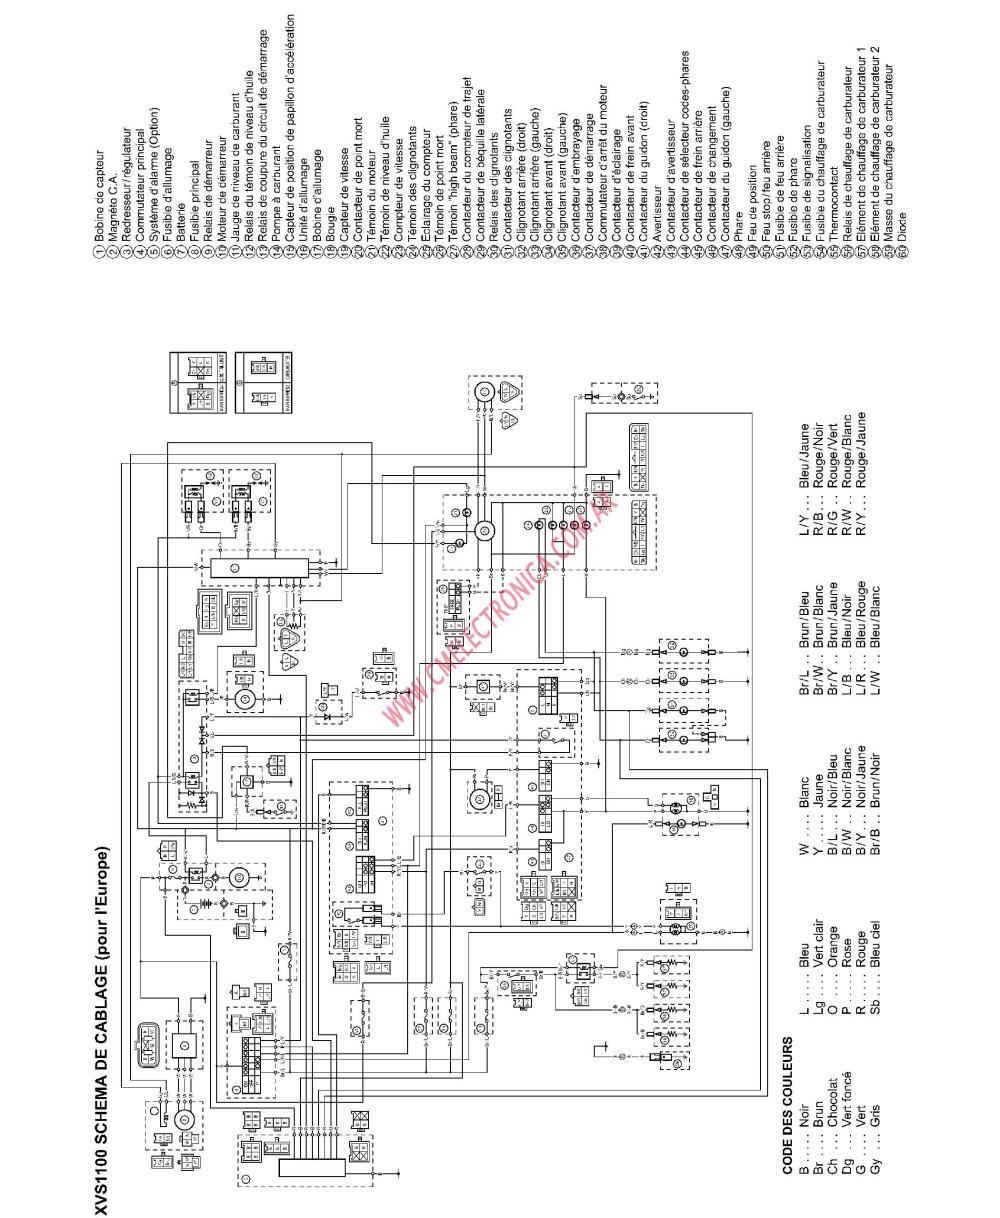 medium resolution of yamaha xvs1100